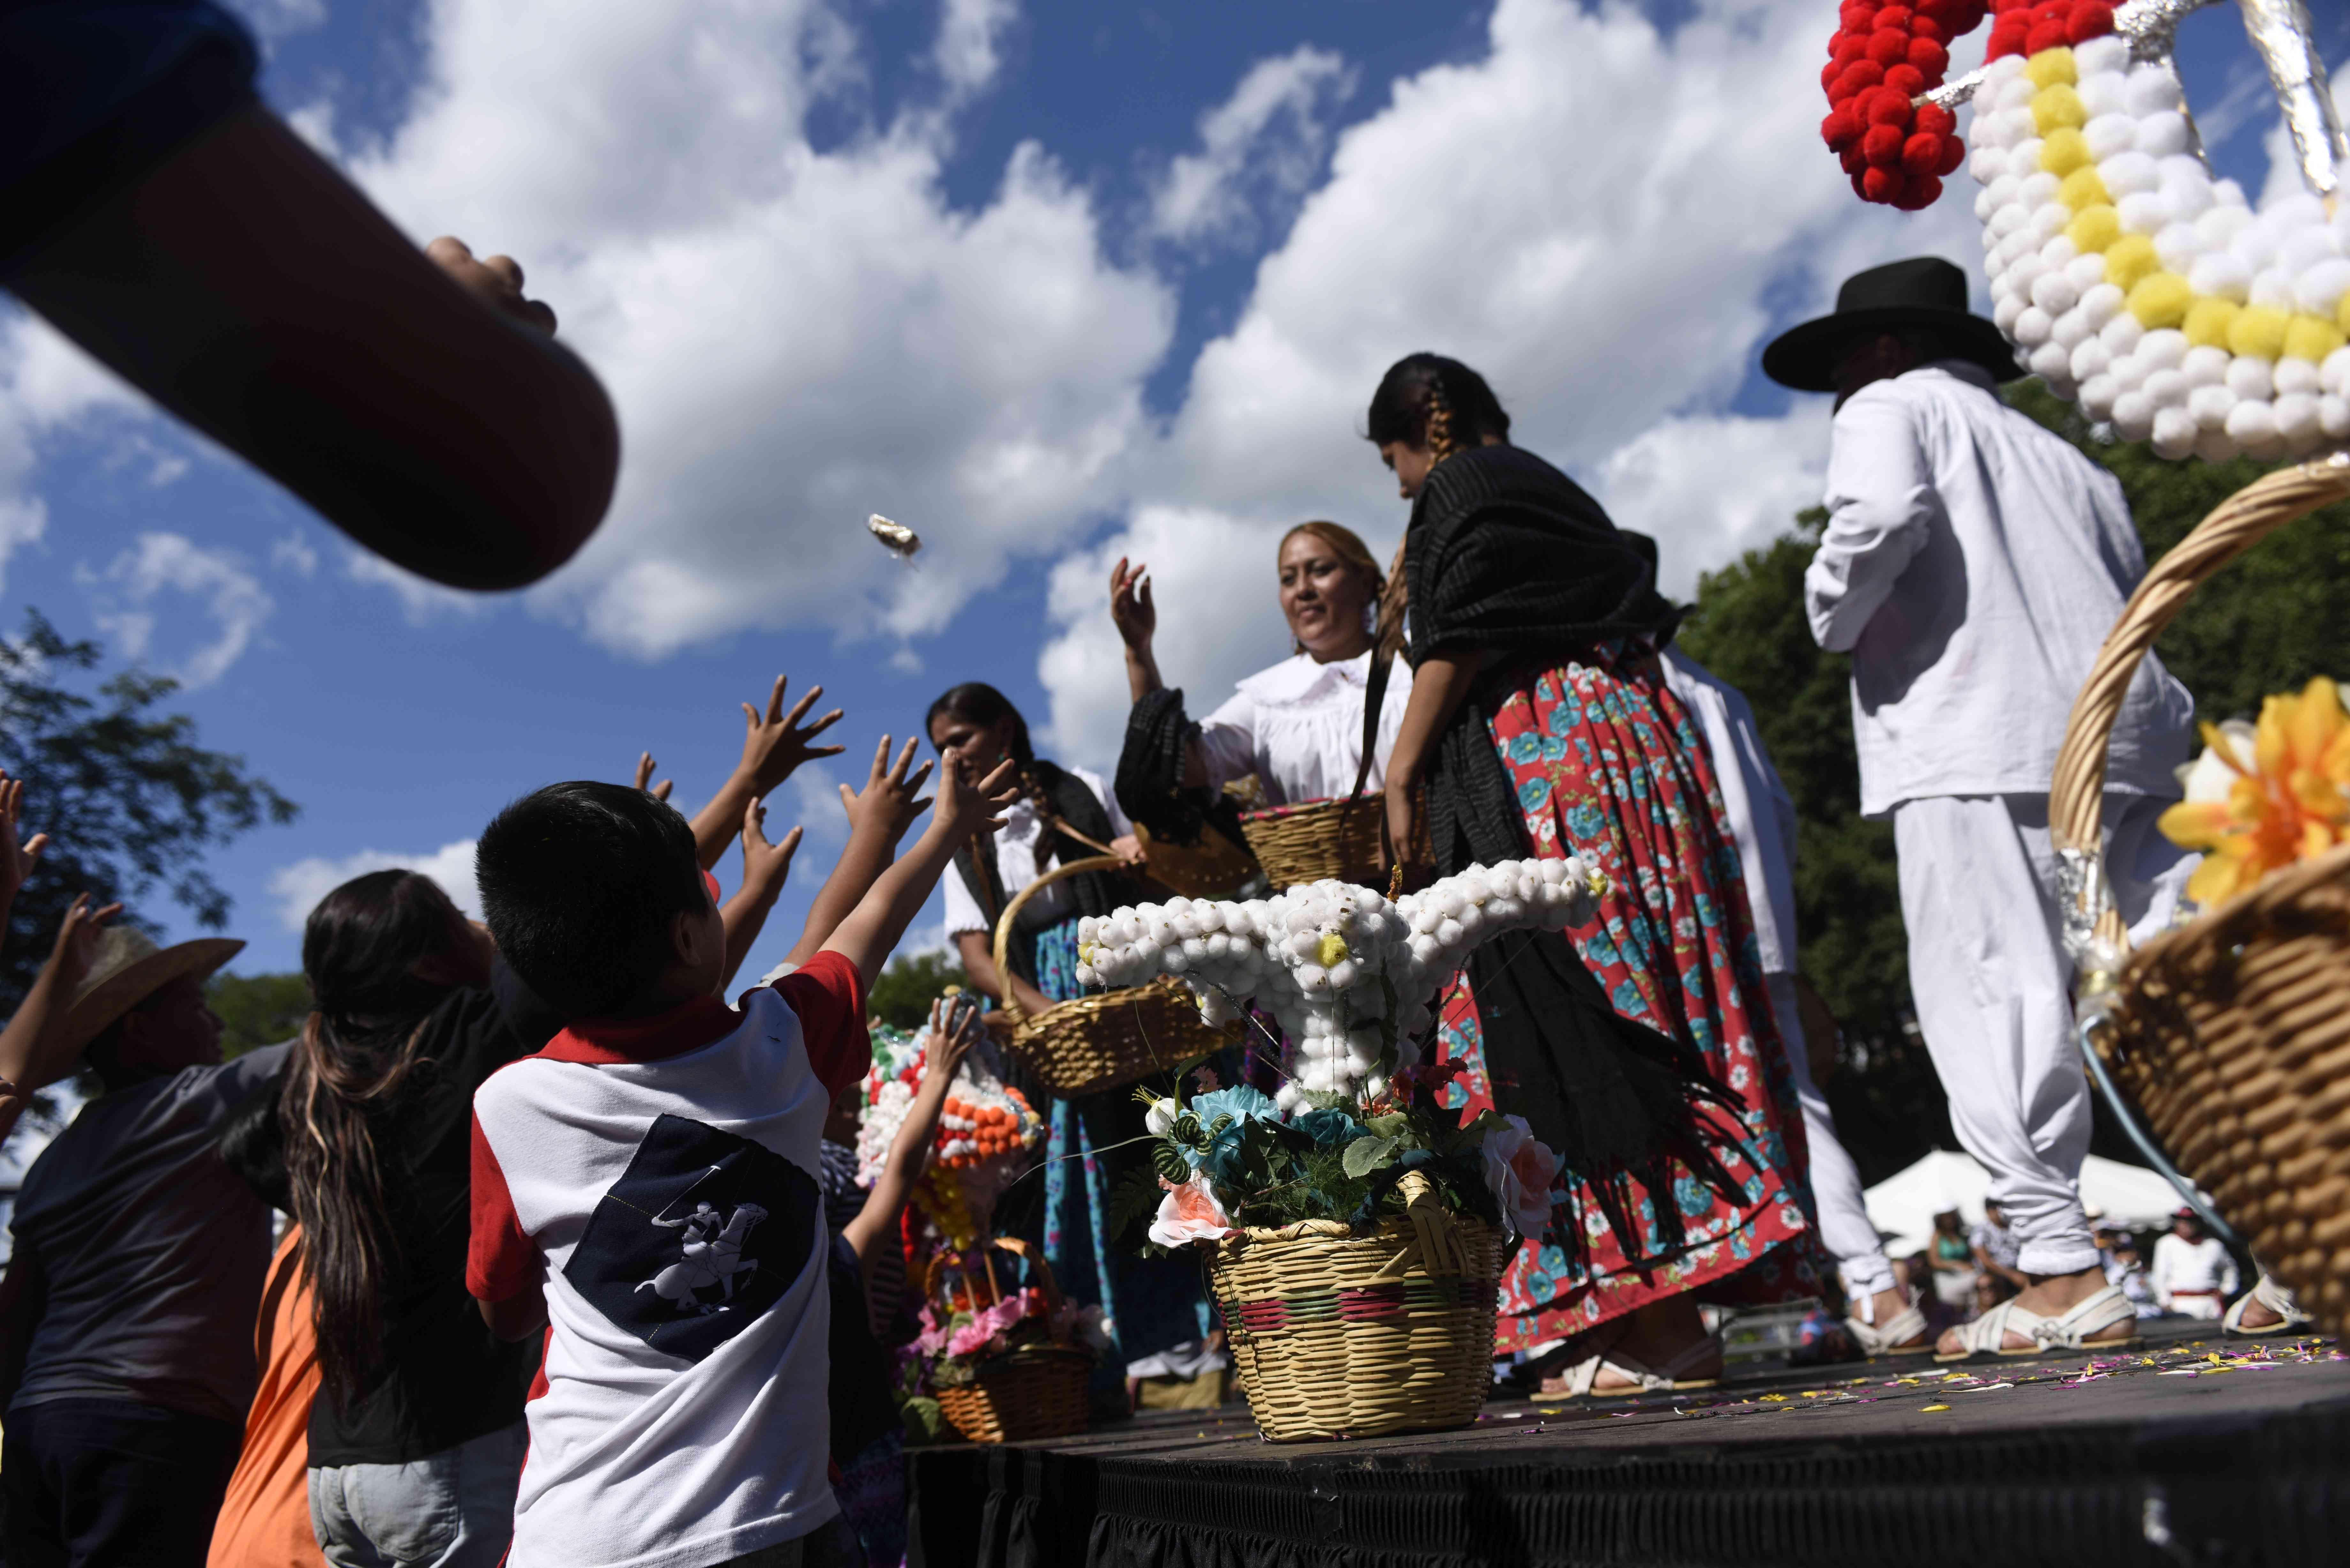 El festival de La Guelaguetza, fotos deMichael Sibilia.